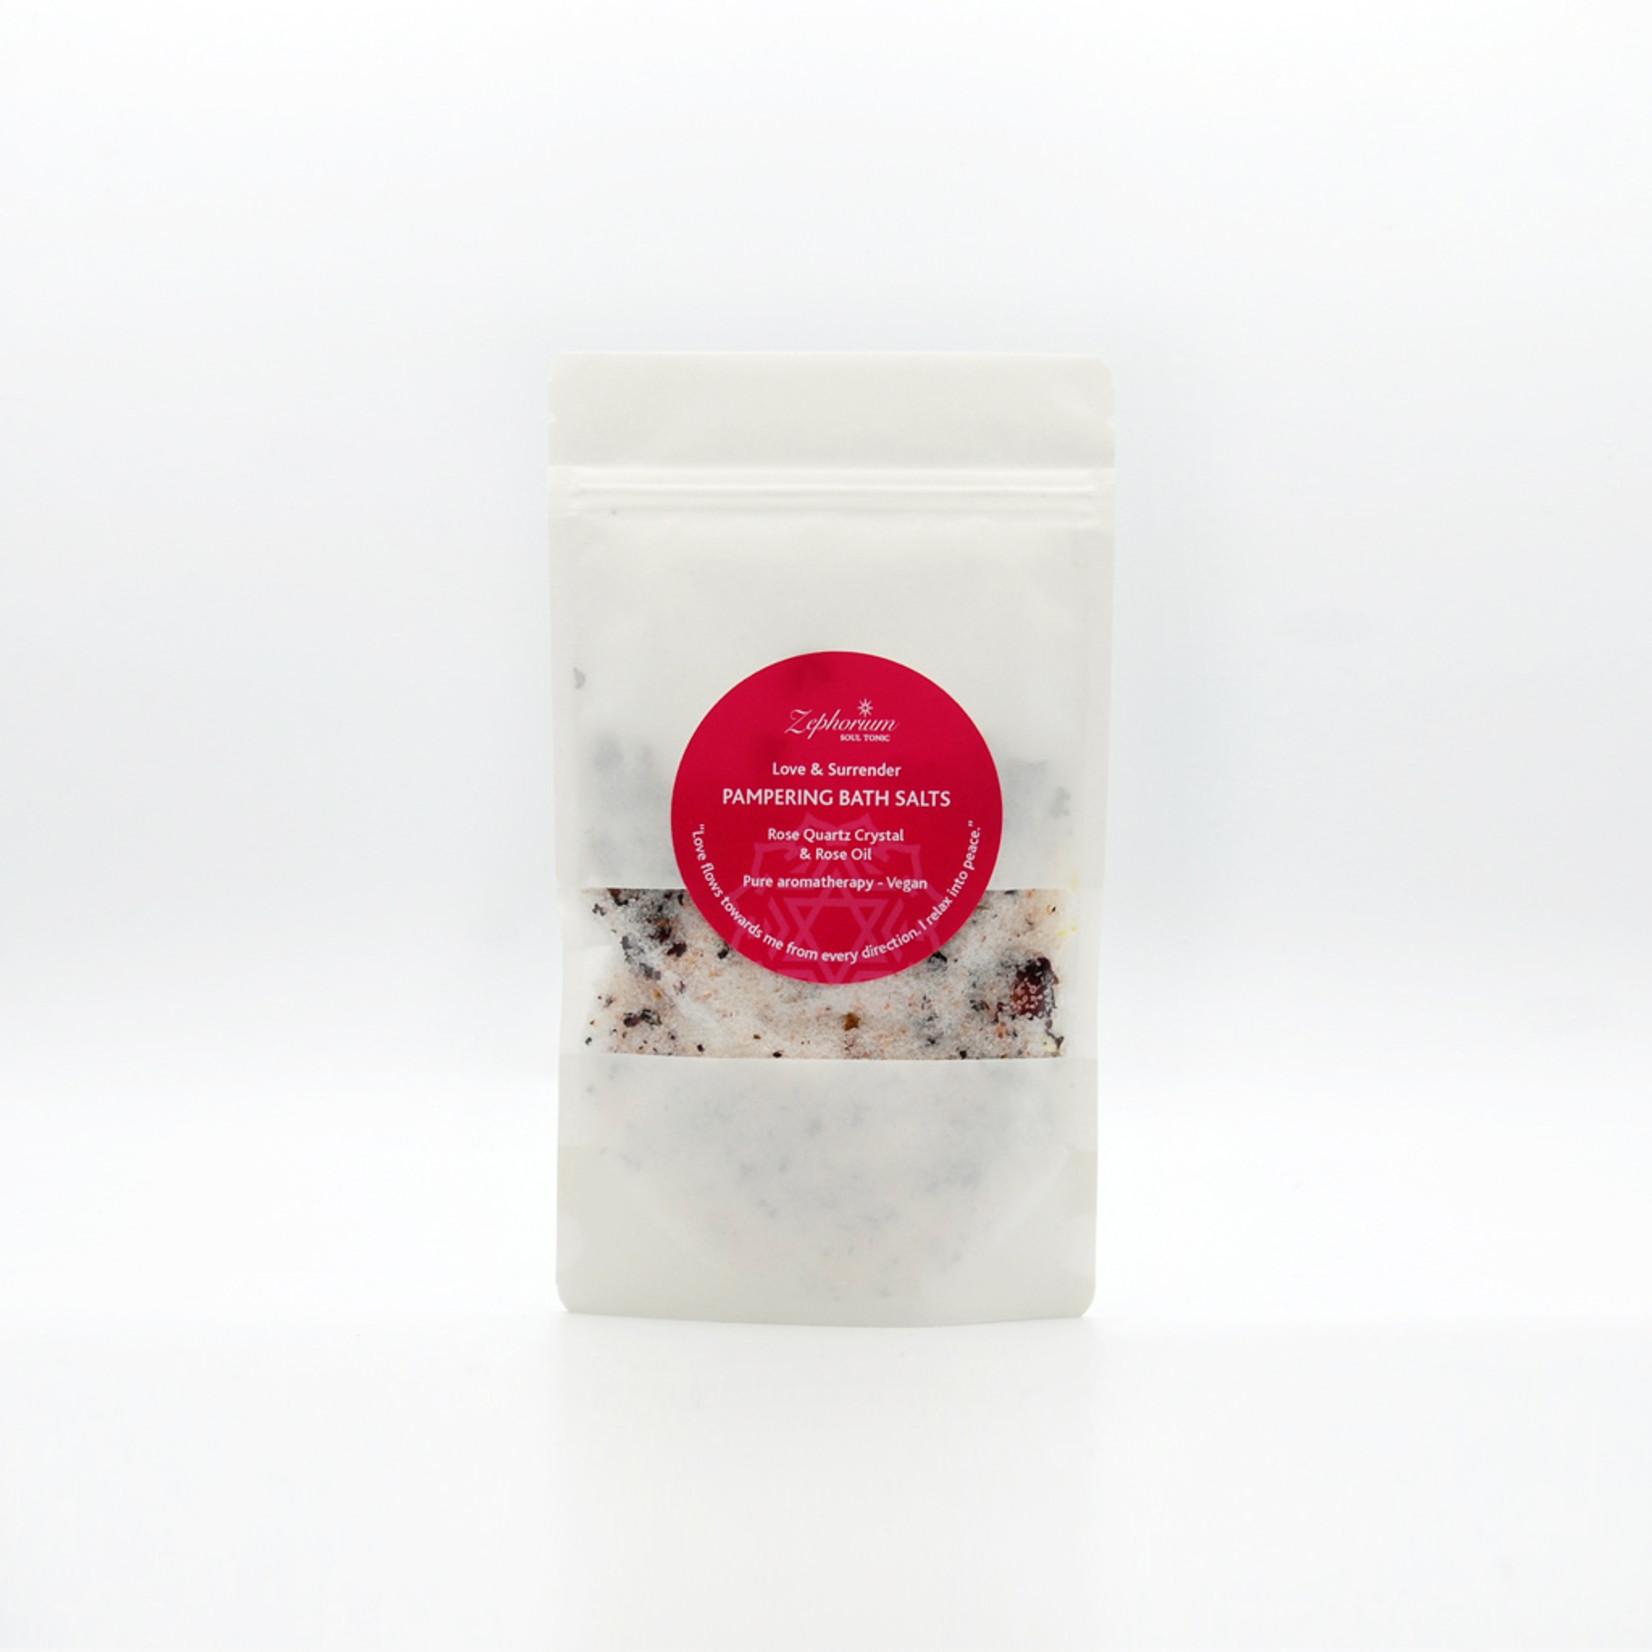 Zephorium Pampering bath salts - rose quartz